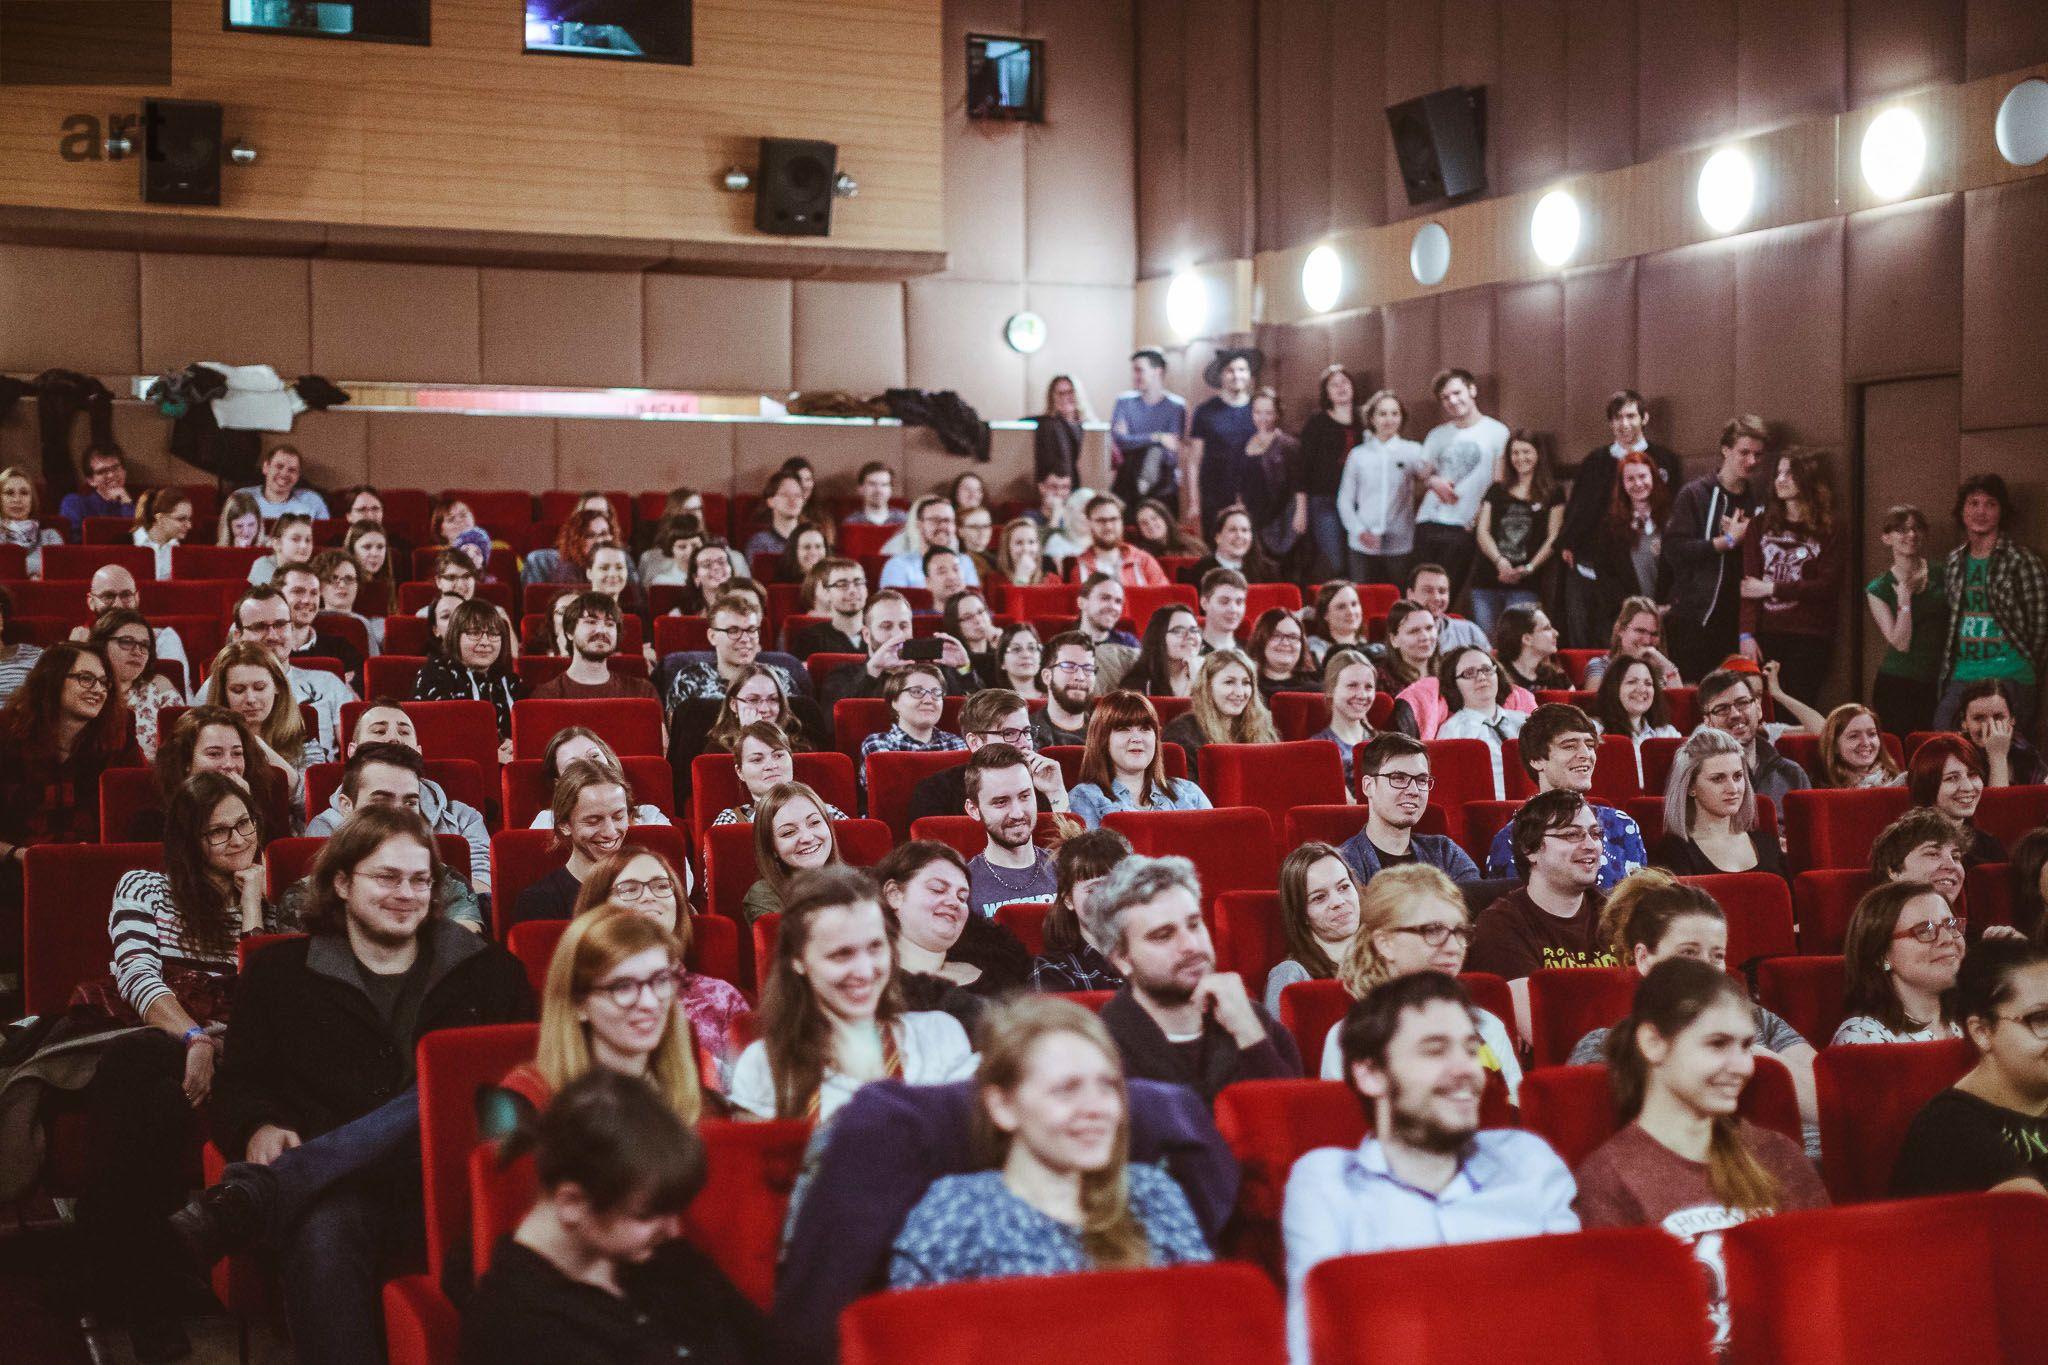 Cinema Art in Brno